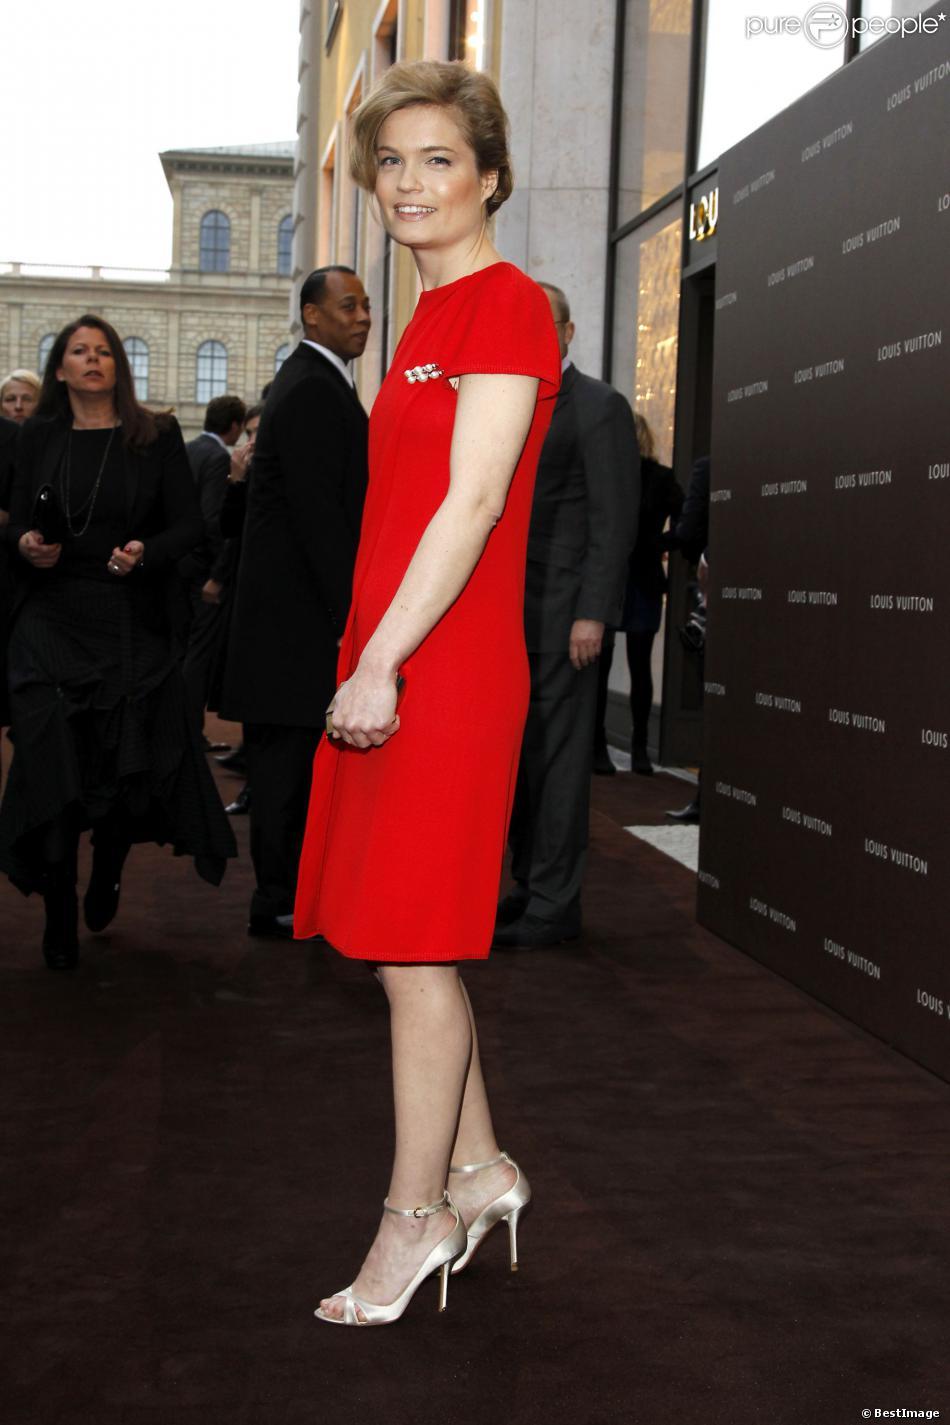 """Sarah Biasini lors de l'ouverture de la boutique """"Louis Vuitton Maison"""" à Munich, le 23 avril 2013"""